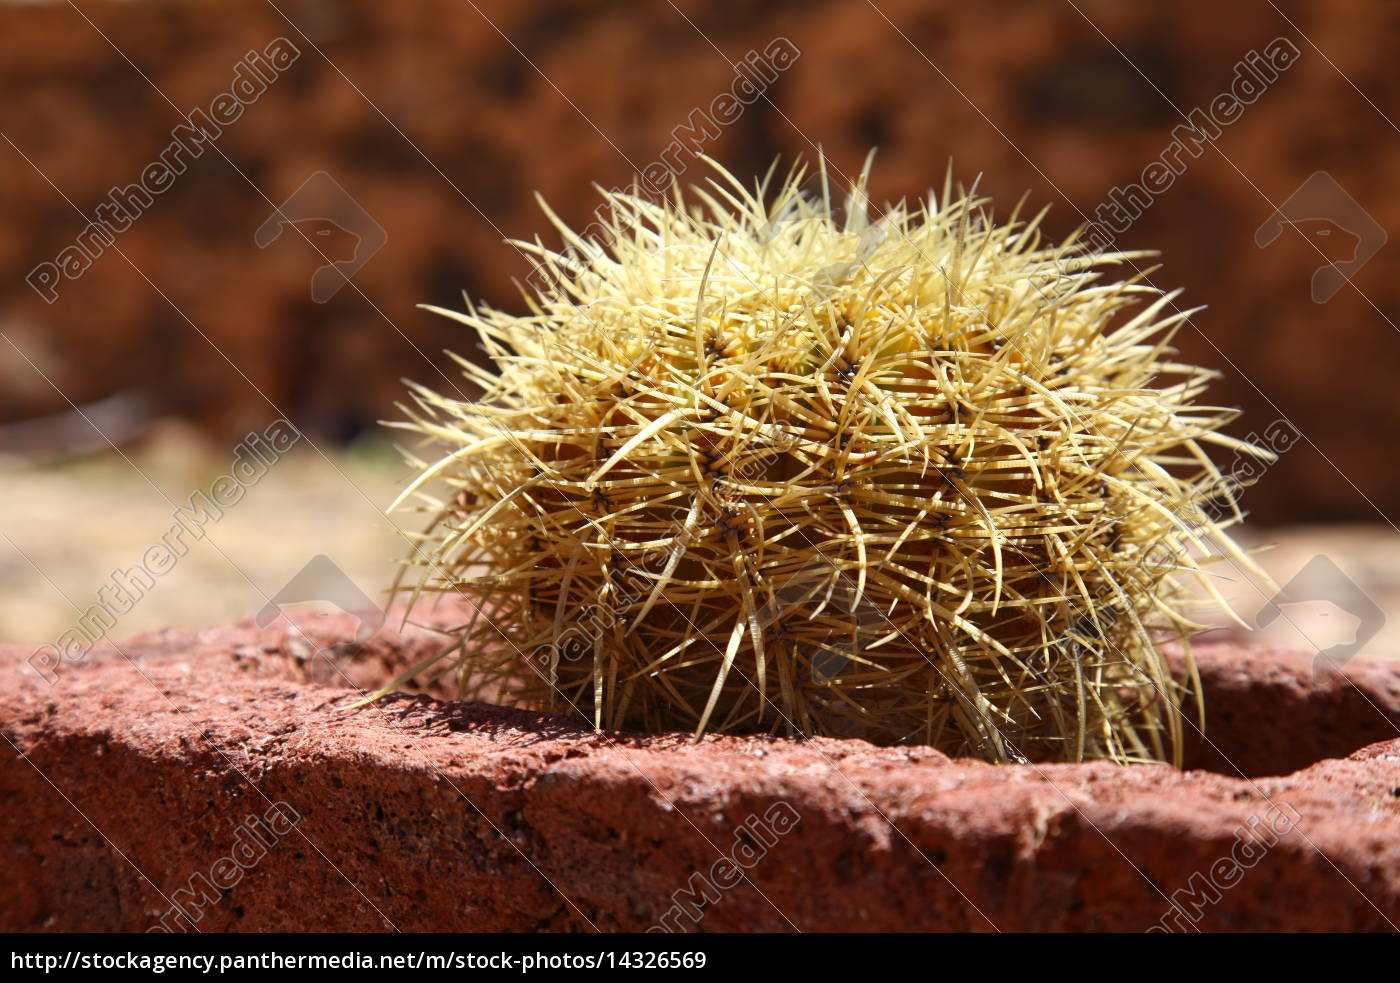 Kaktus, Kakteen, Fuerteventura, Kanarischen Inseln, Pflanze, Dornen - 14326569